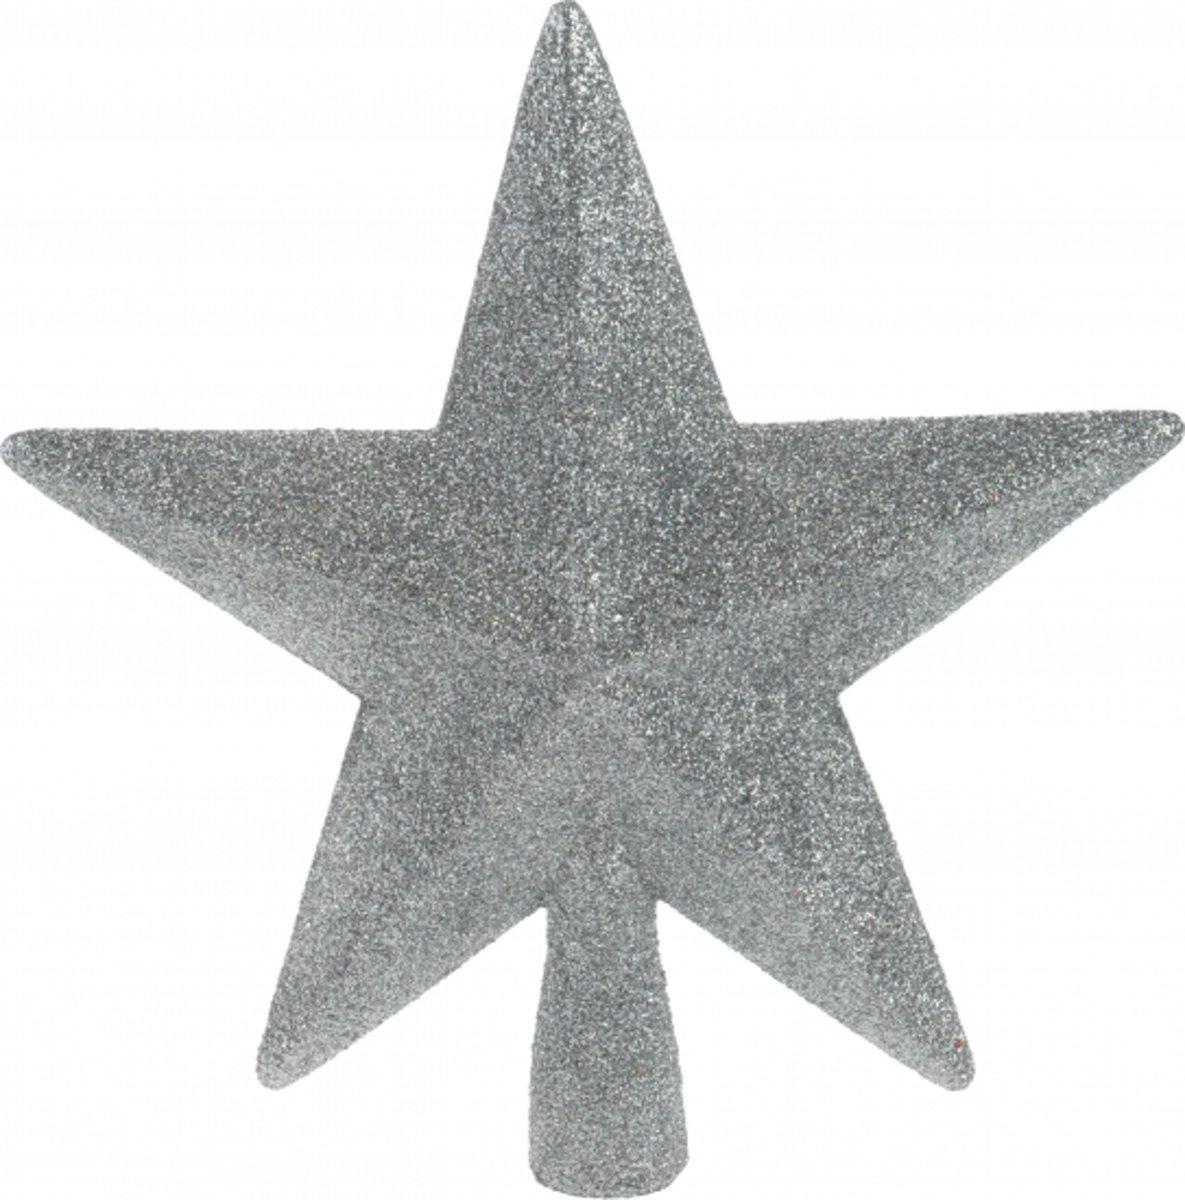 Piek ster zilver met glitters 19 cm kopen